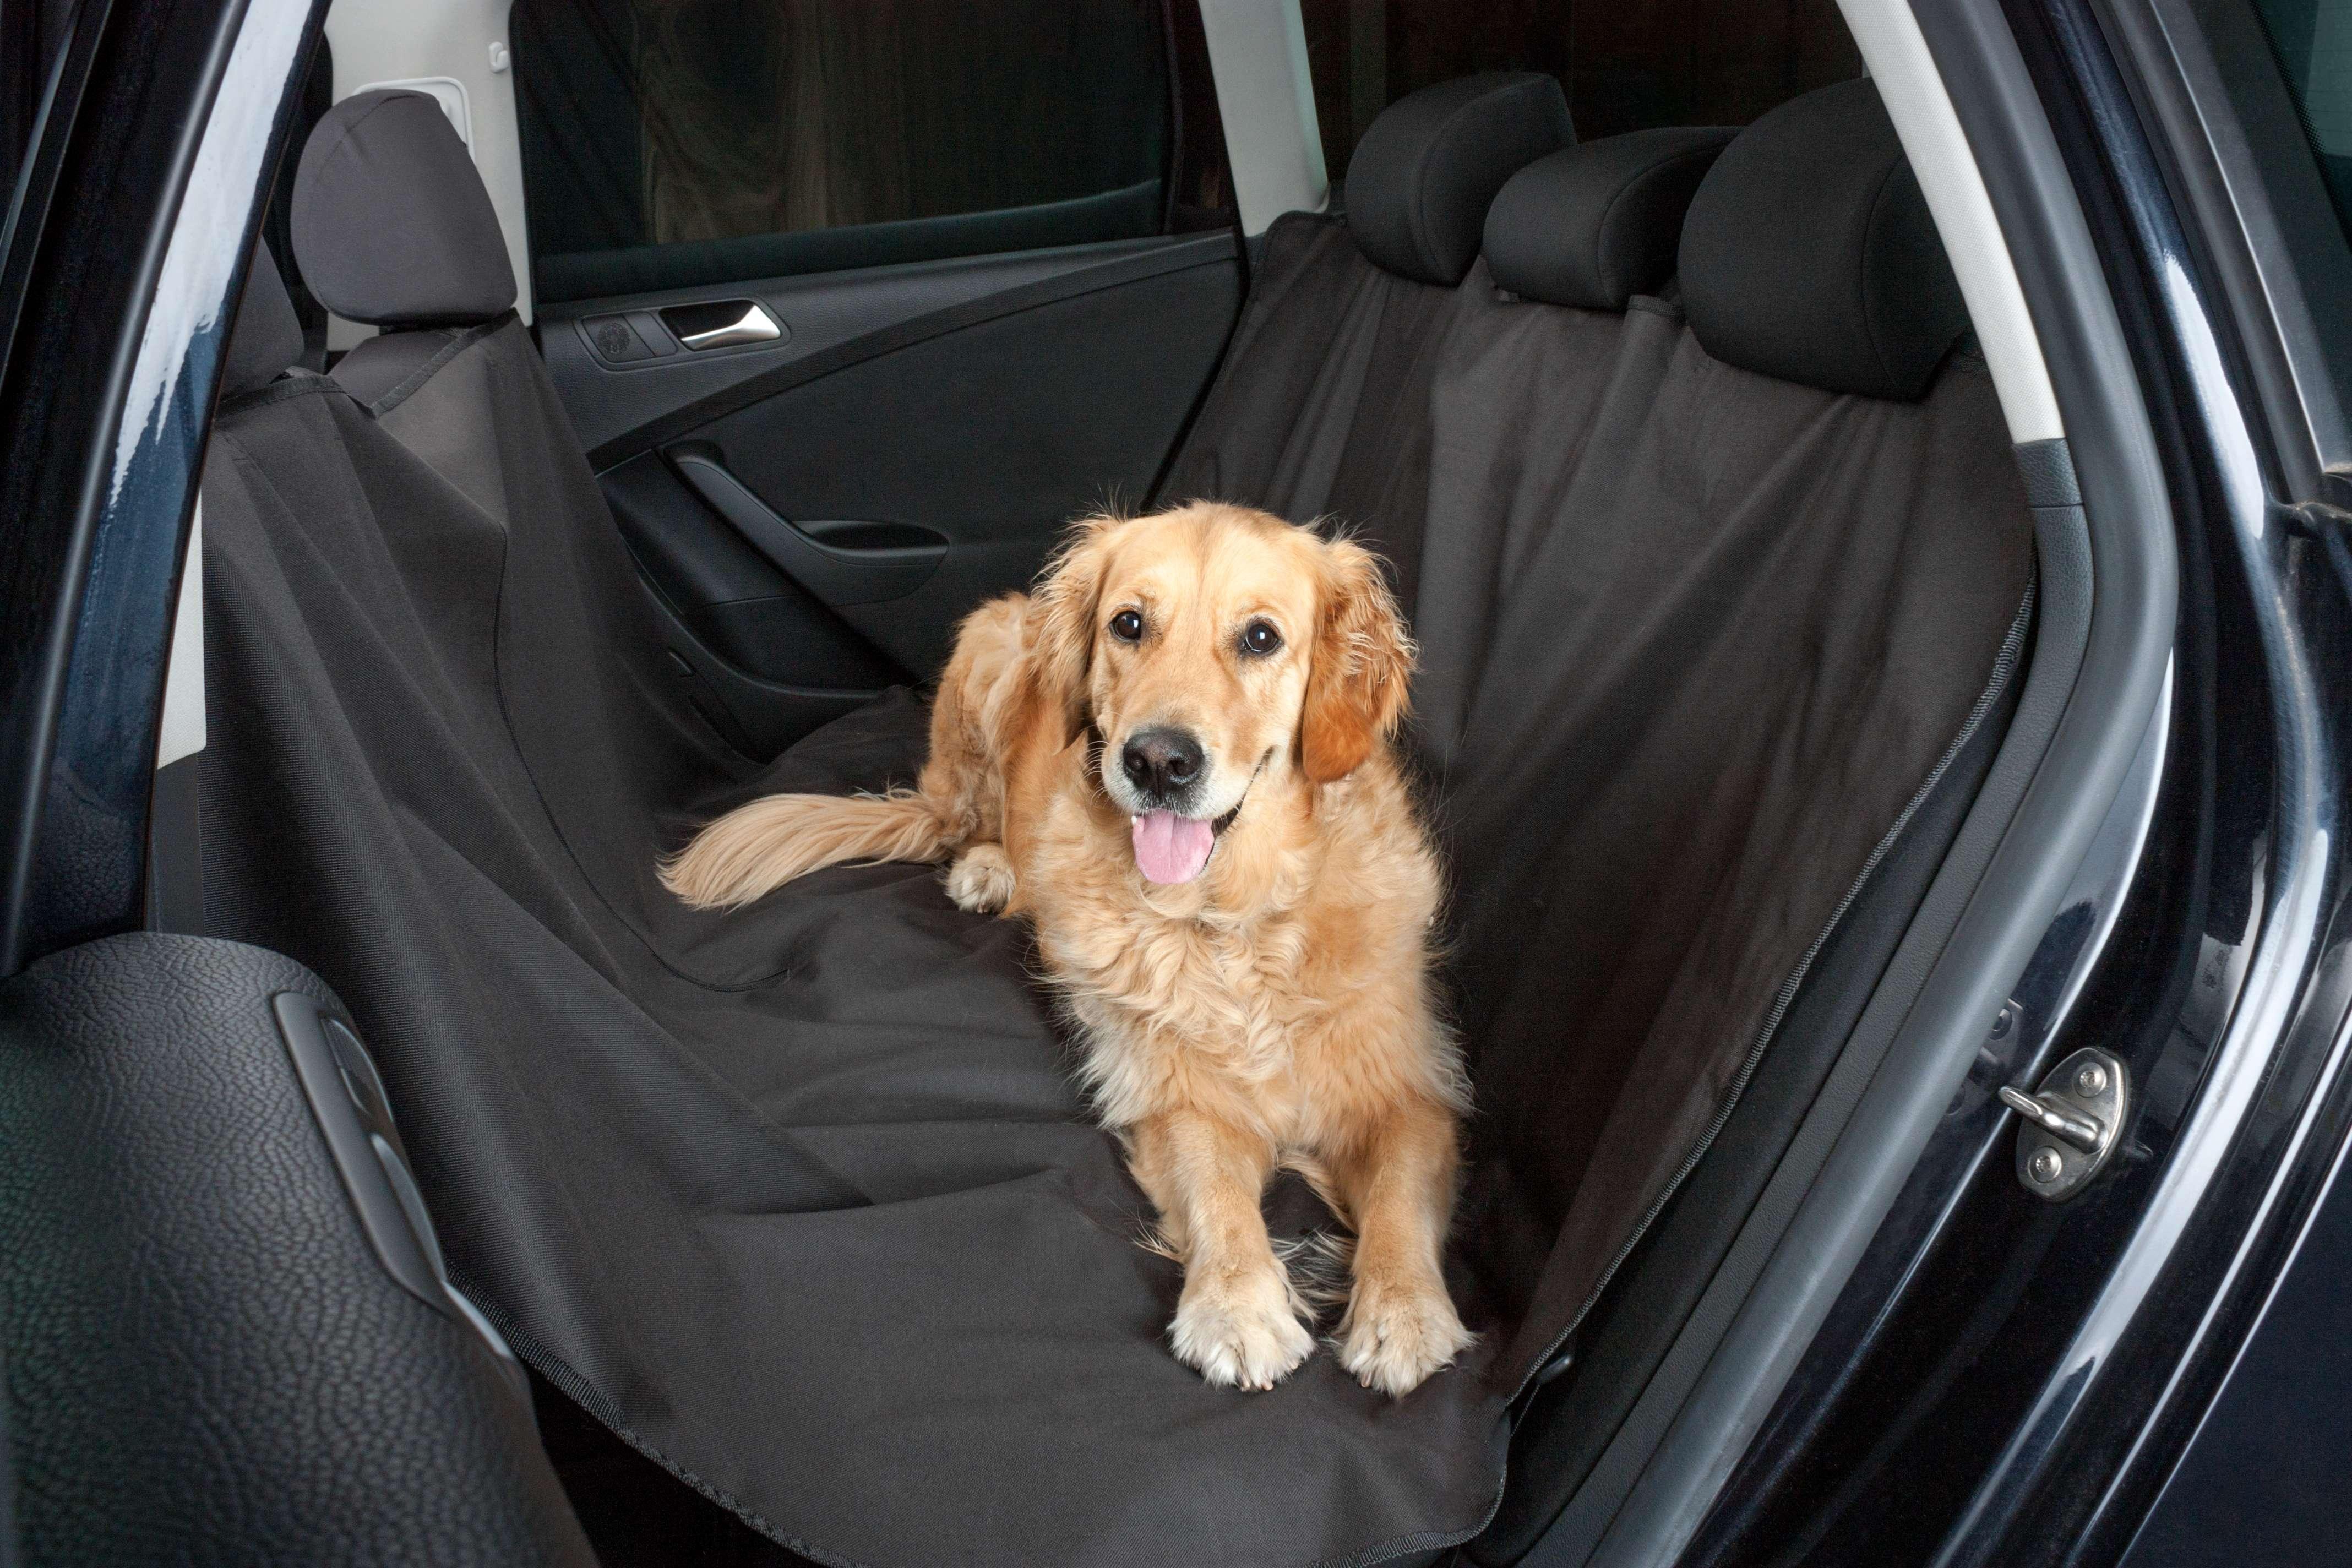 Housse de siège de voiture pour chien WALSER 13624 connaissances d'experts